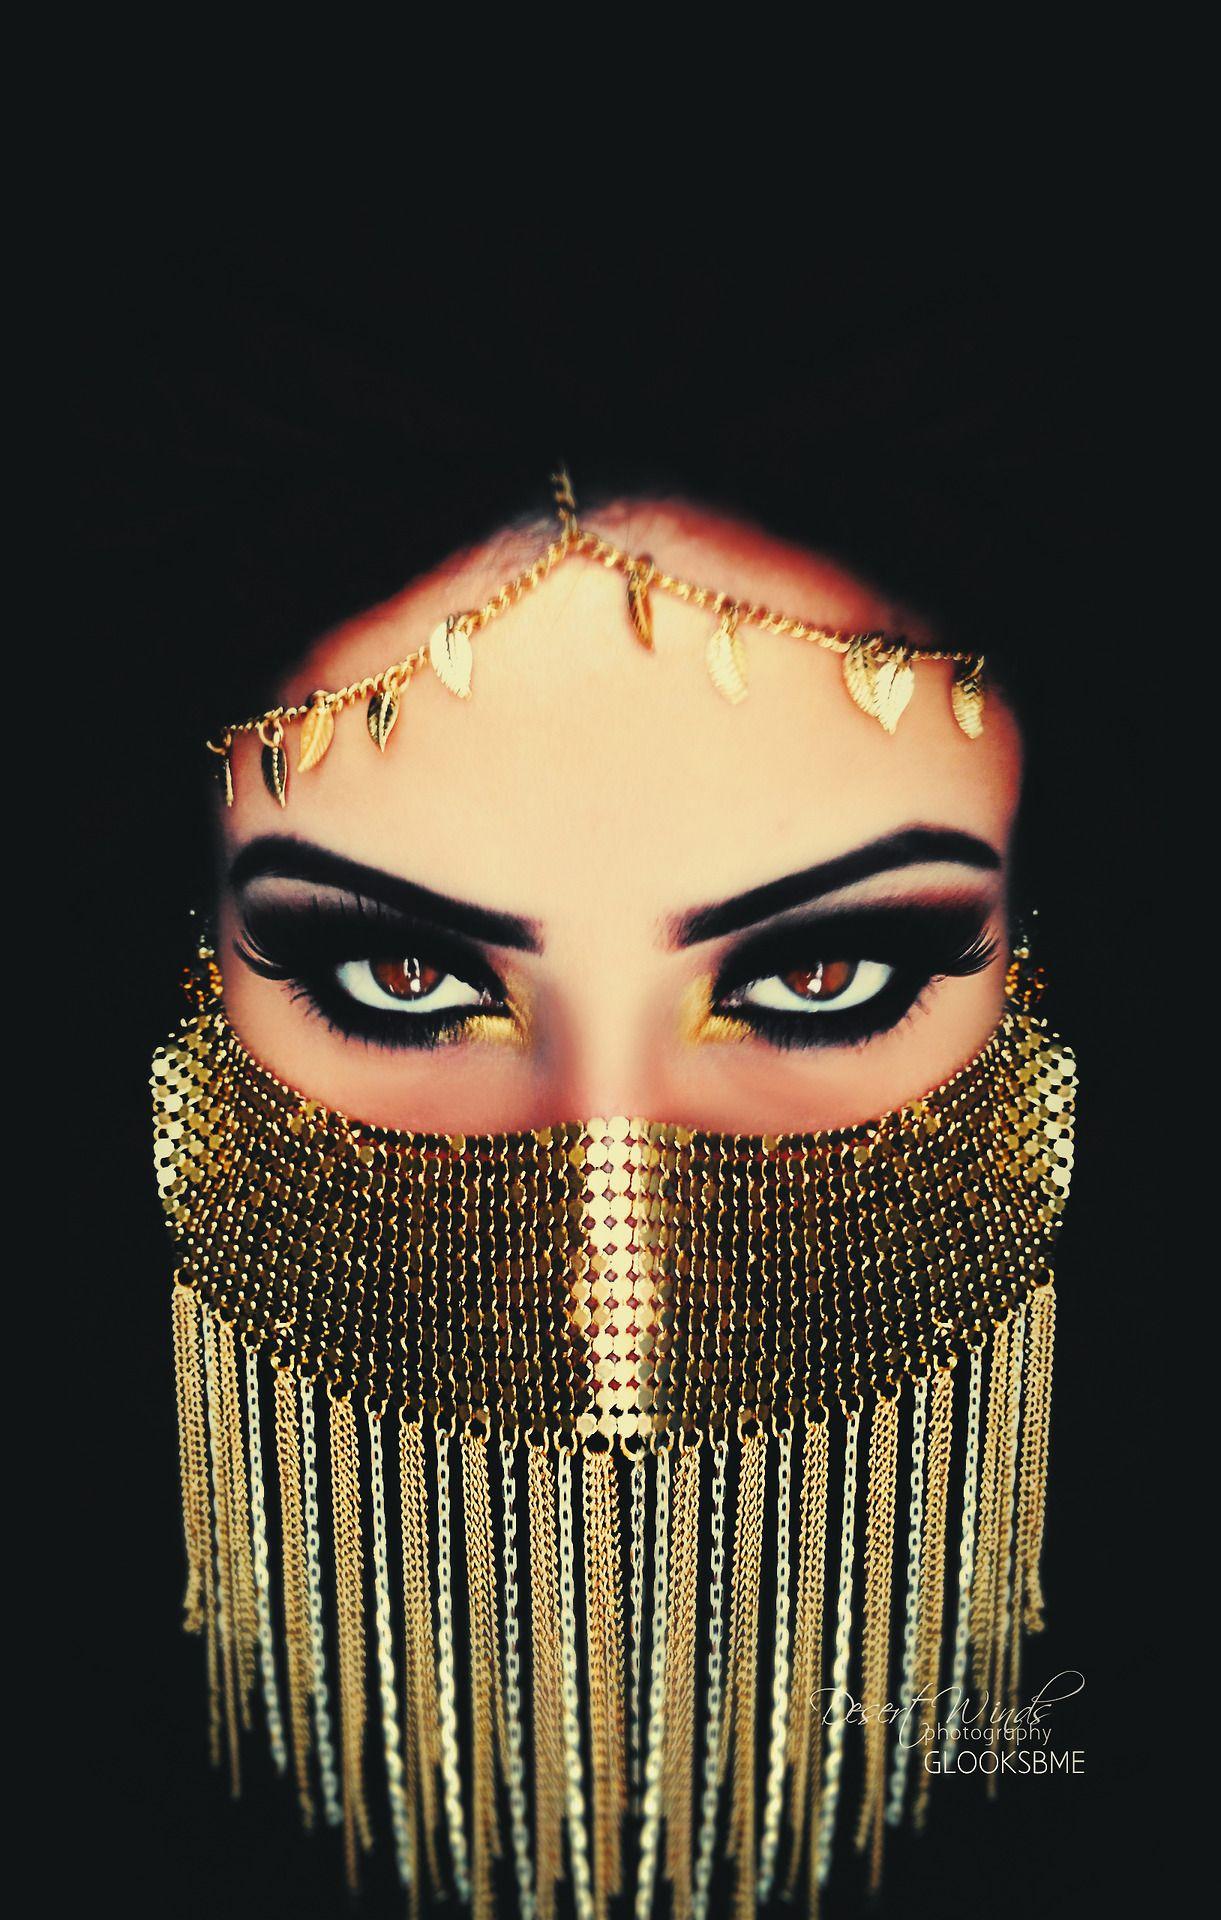 cinderellas-stilettos: desertwinds: Model: Glooksbme Edit: By me Face veil from: instagram.com/freshalamode ۞ Cinderella's Stilettos ۞ Dark Fashion & Luxury ۞